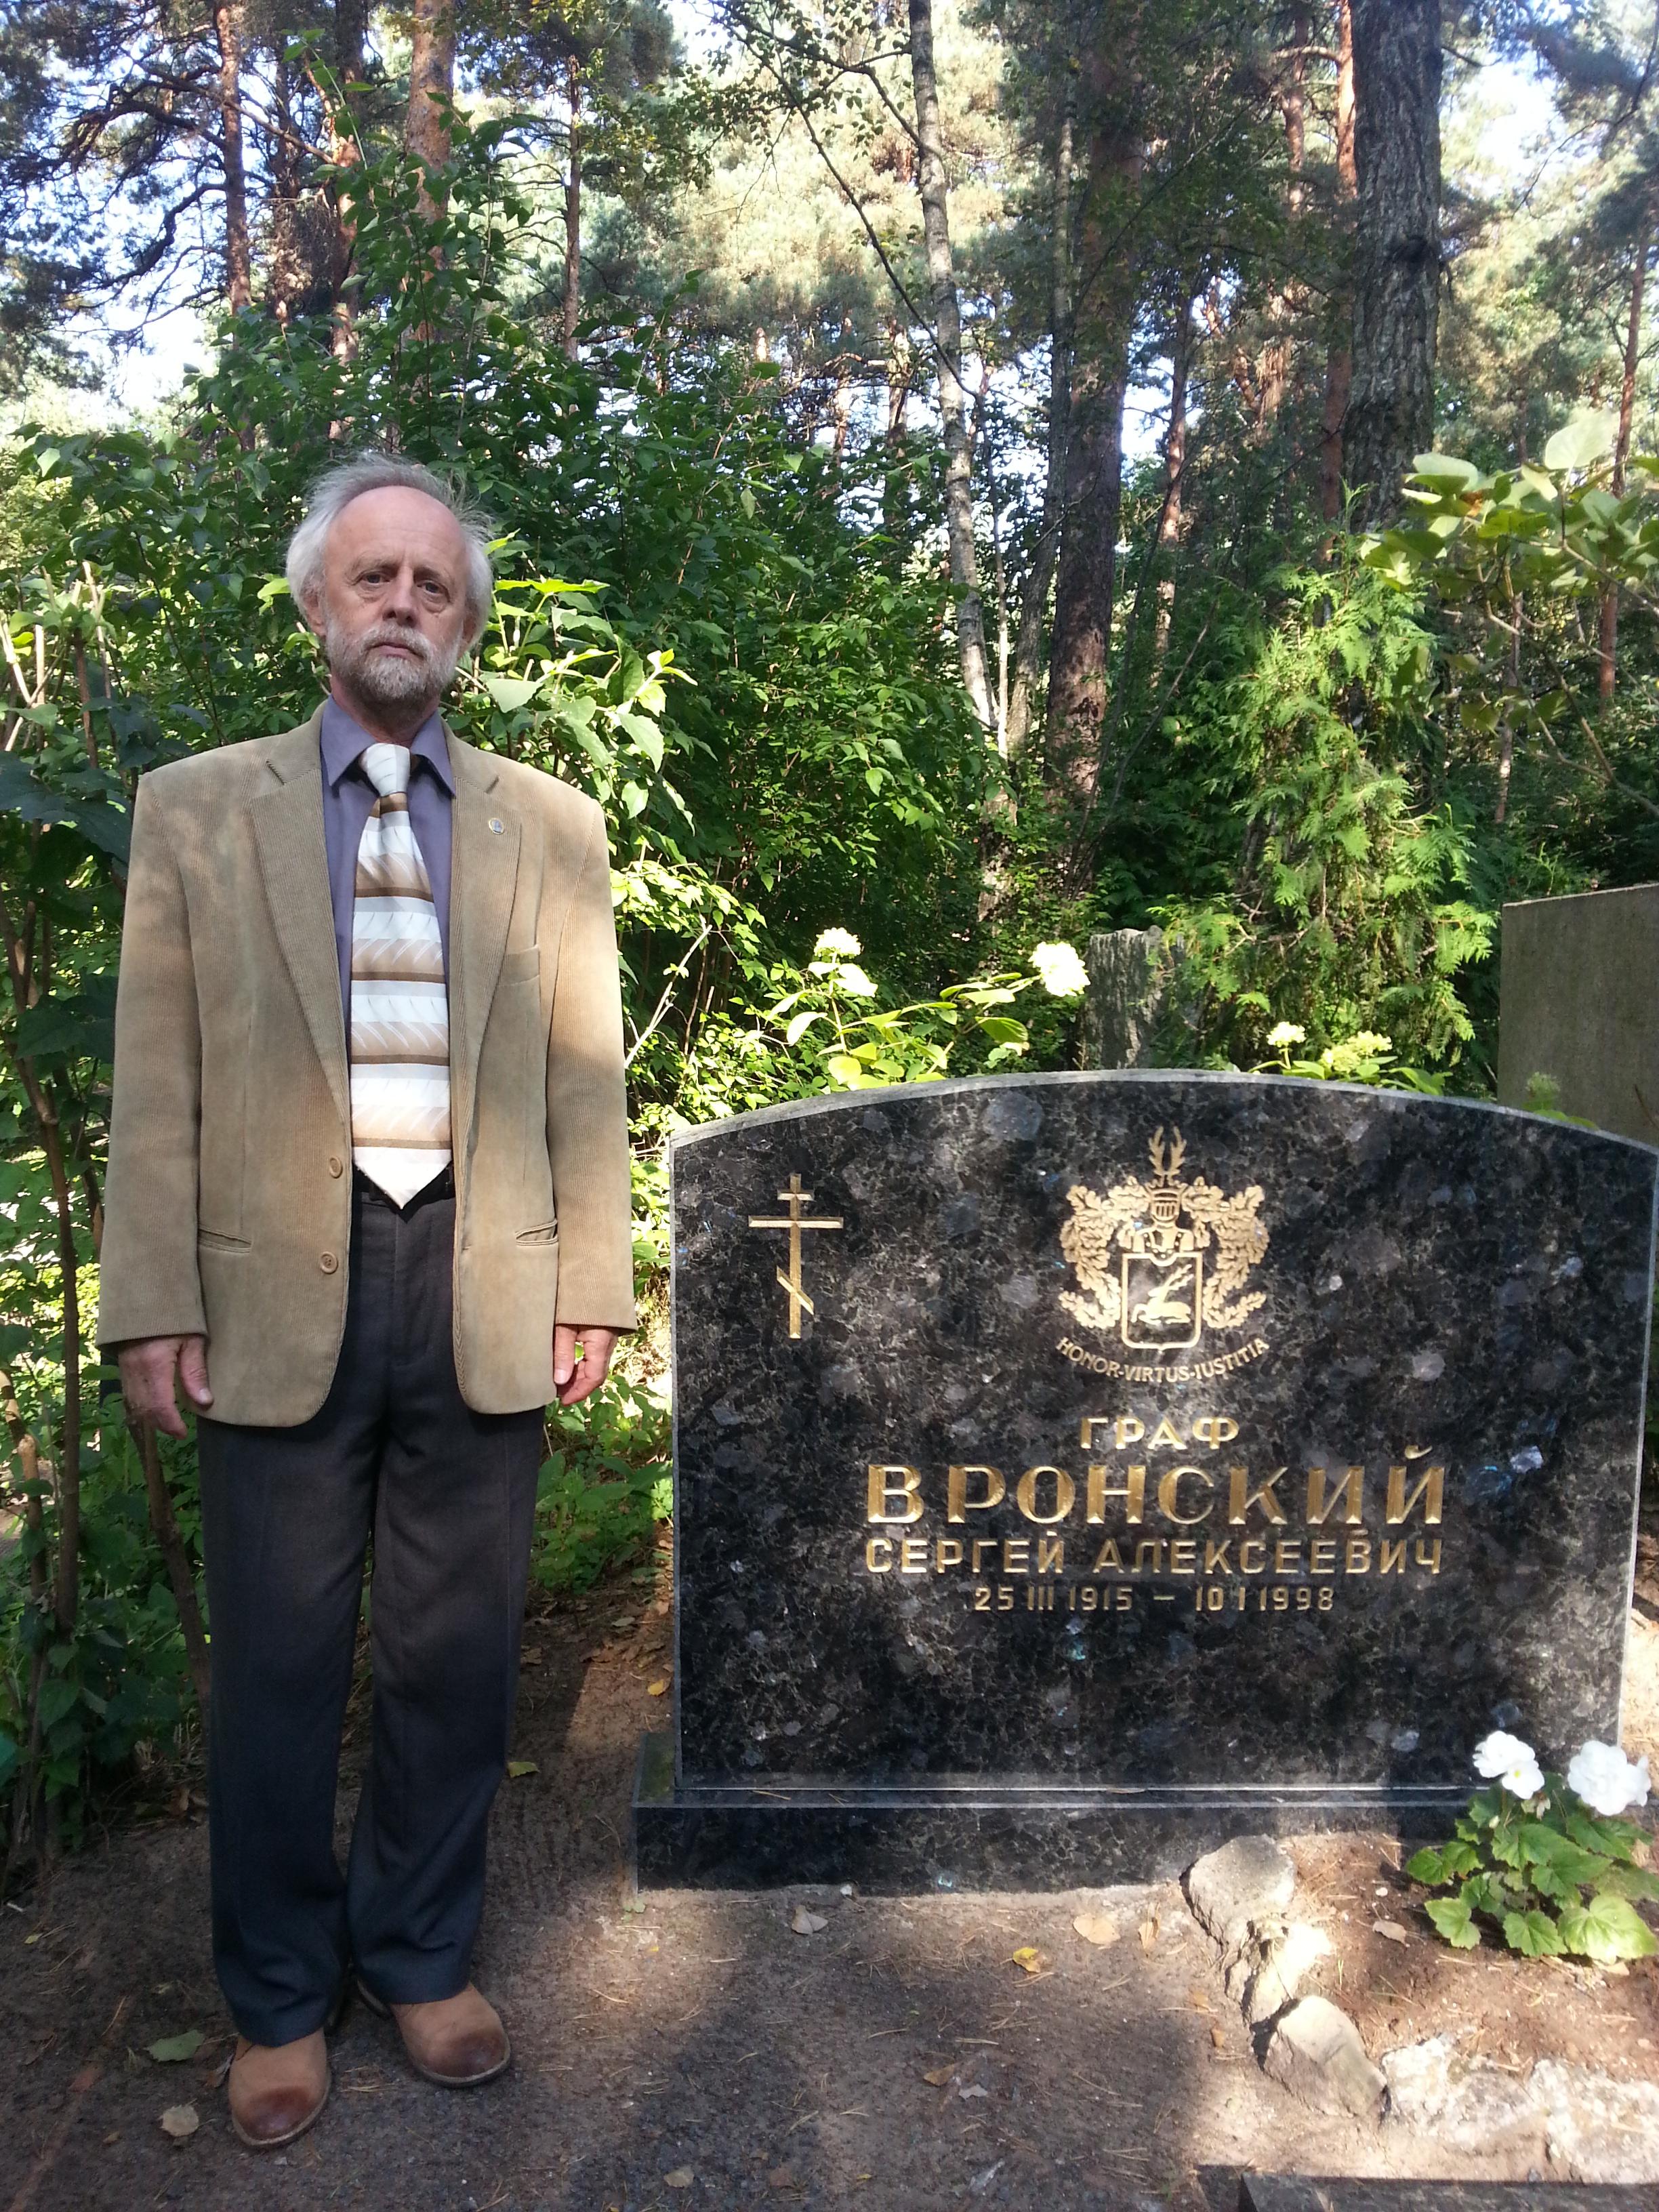 20130913 112819 С. В. Шестопалов: О Вронском